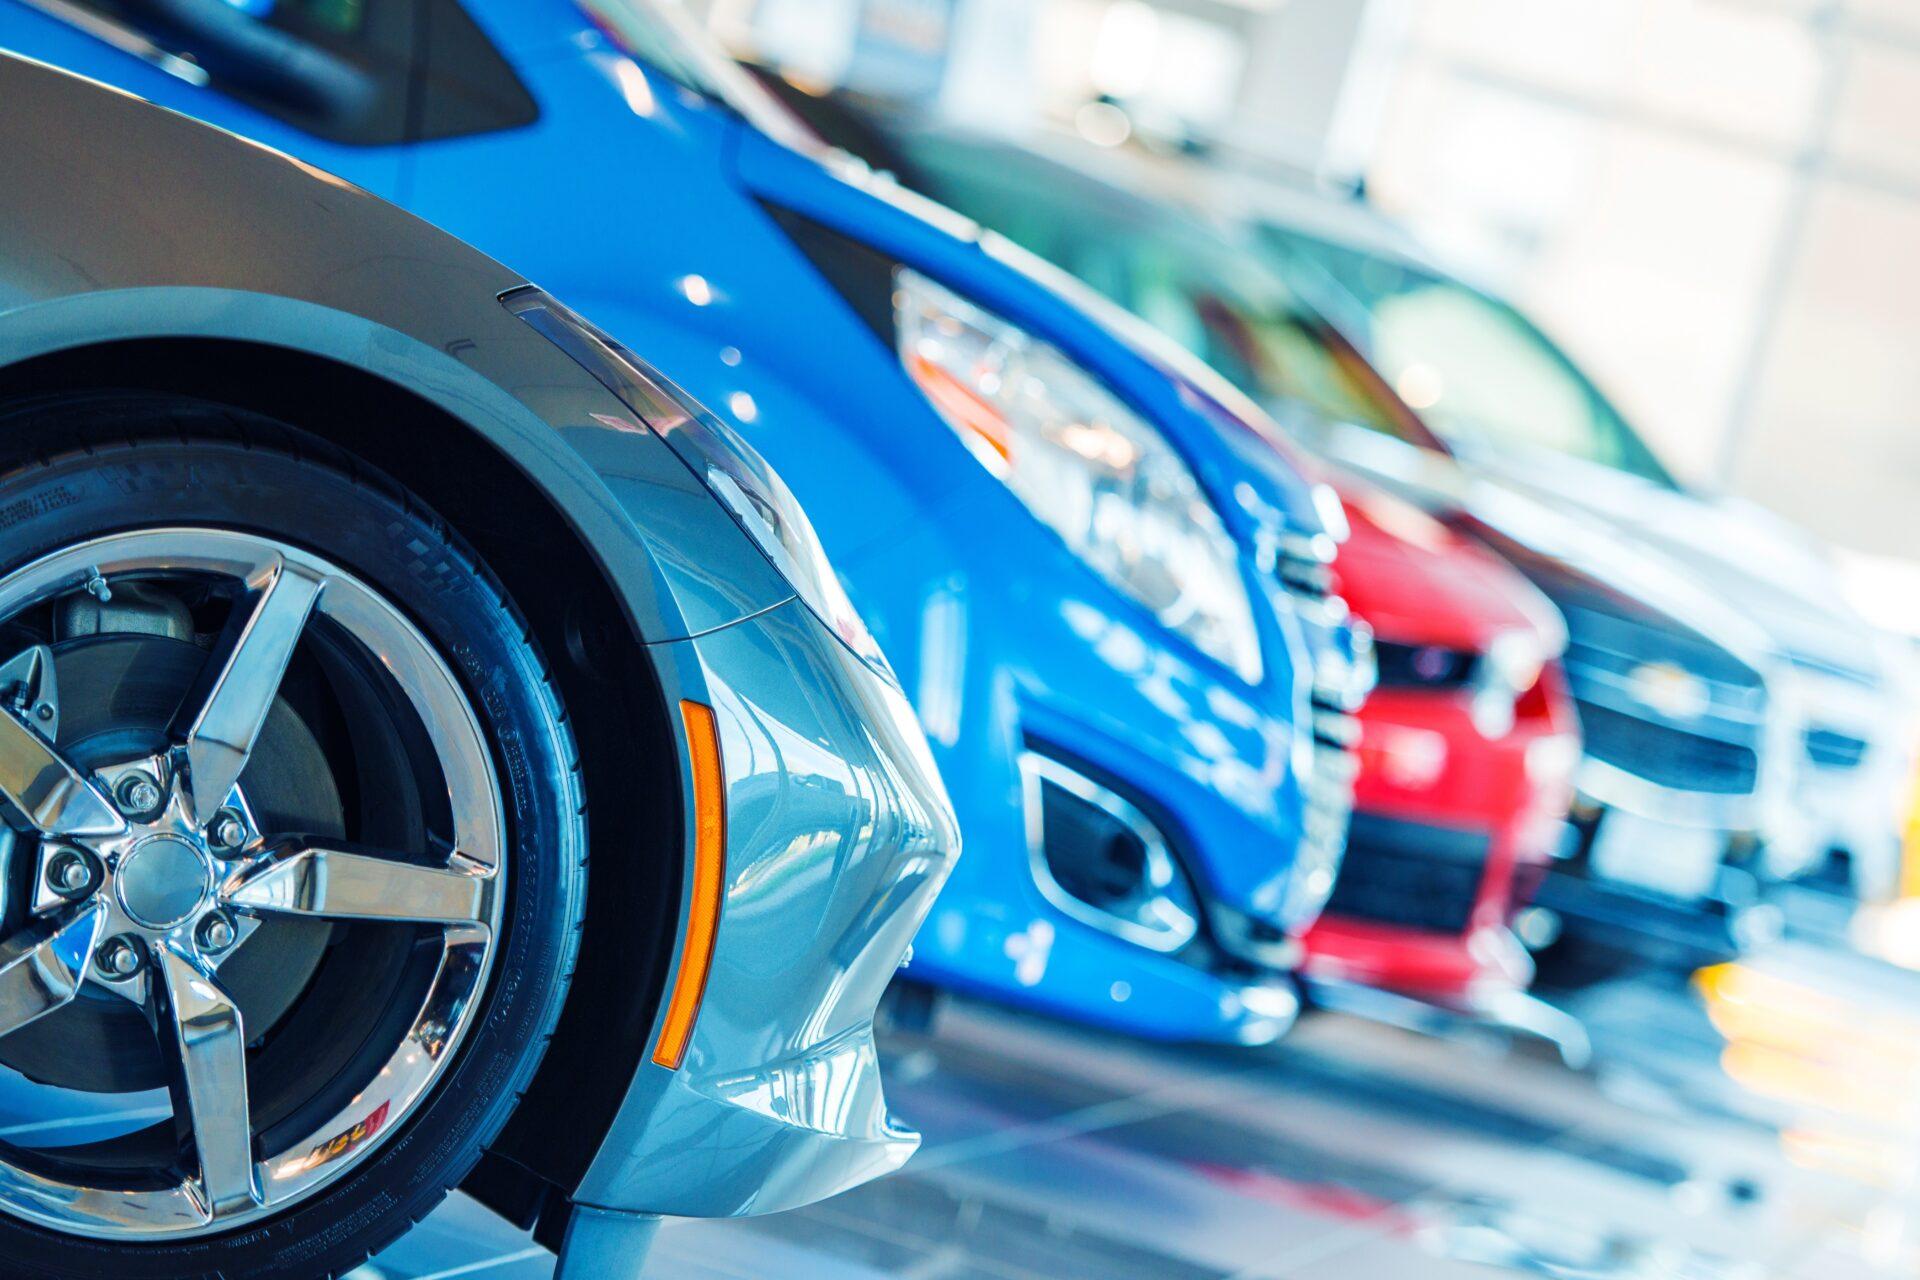 En España se venden 1,7 coches de segunda mano por cada uno nuevo